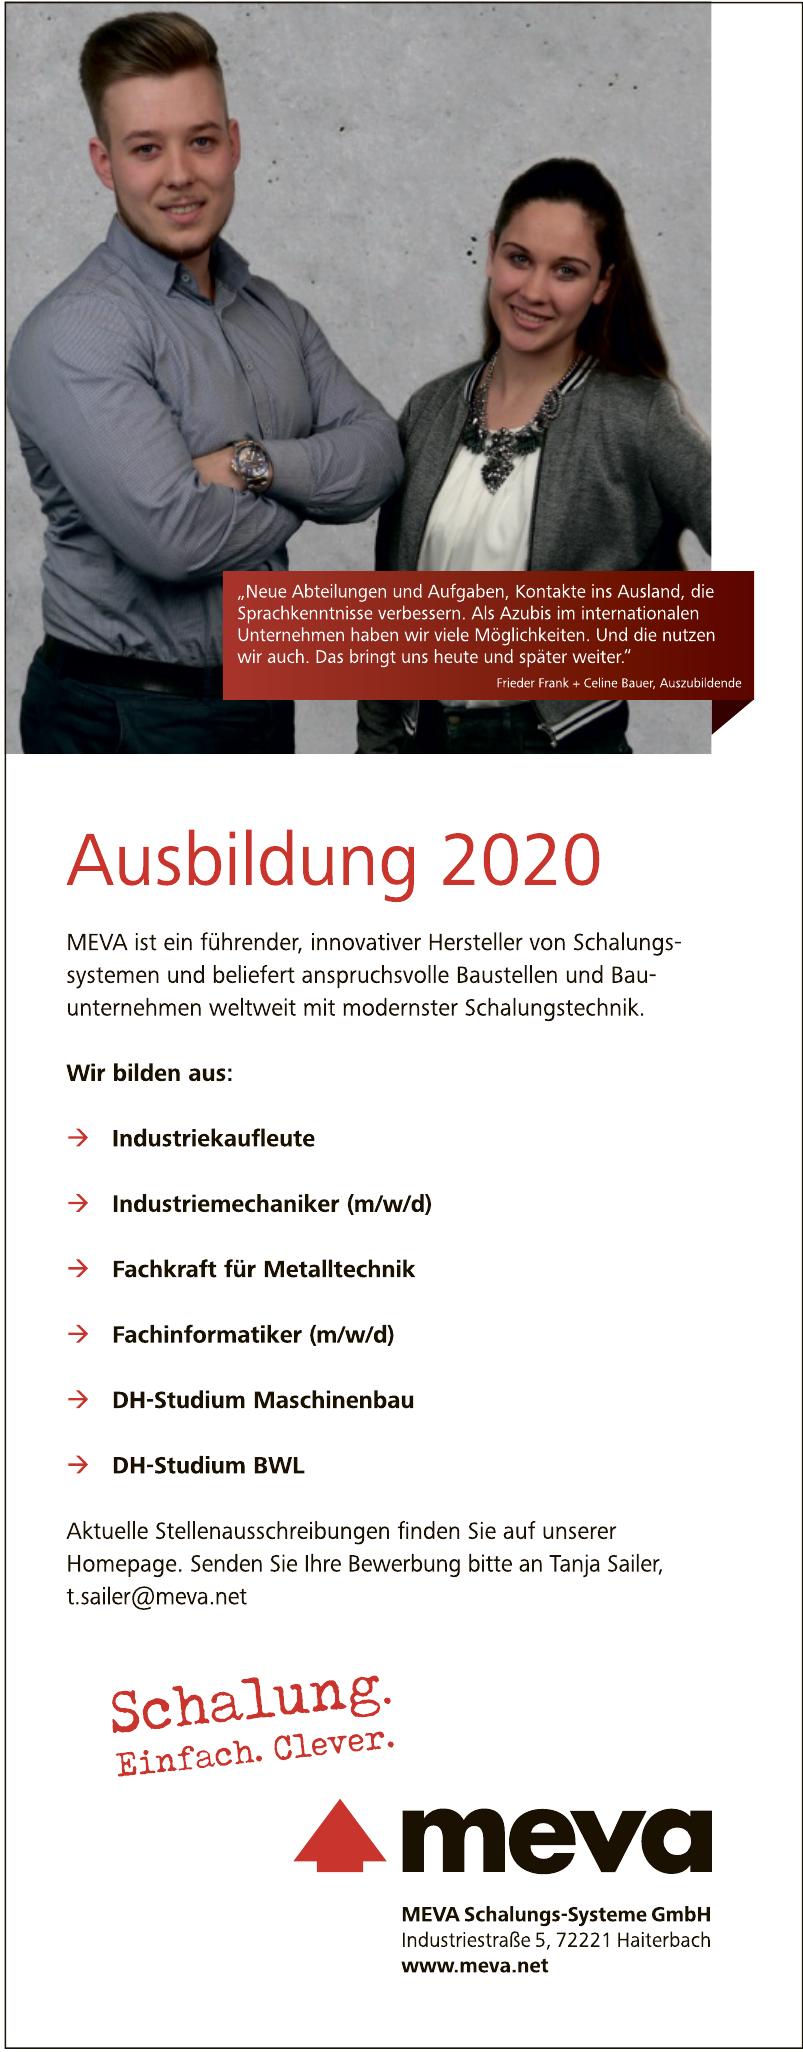 MEVA Schalungs-Systeme GmbH